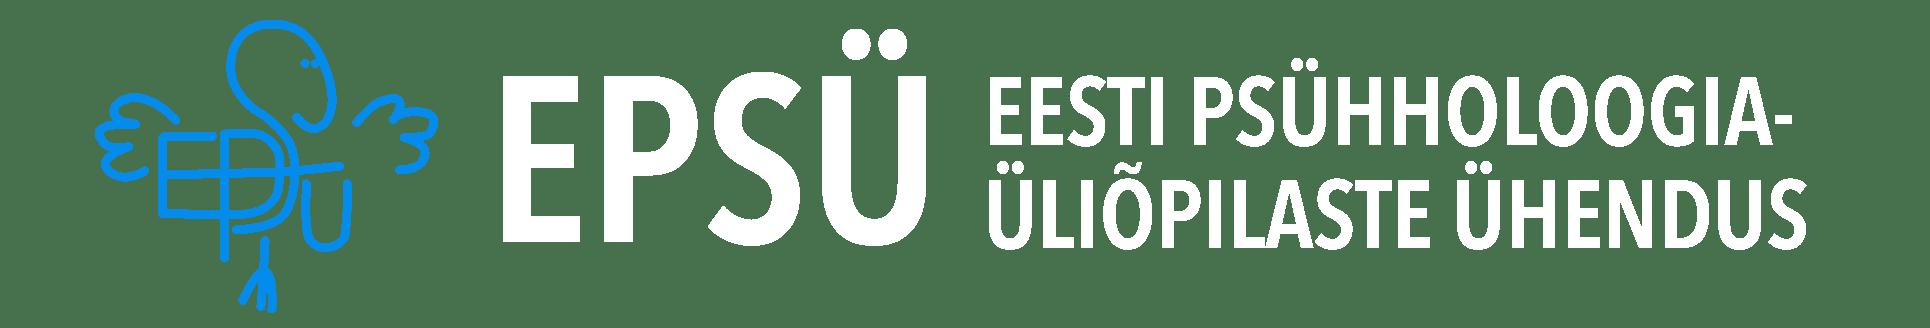 Eesti Psühholoogiaüliõpilaste Ühendus